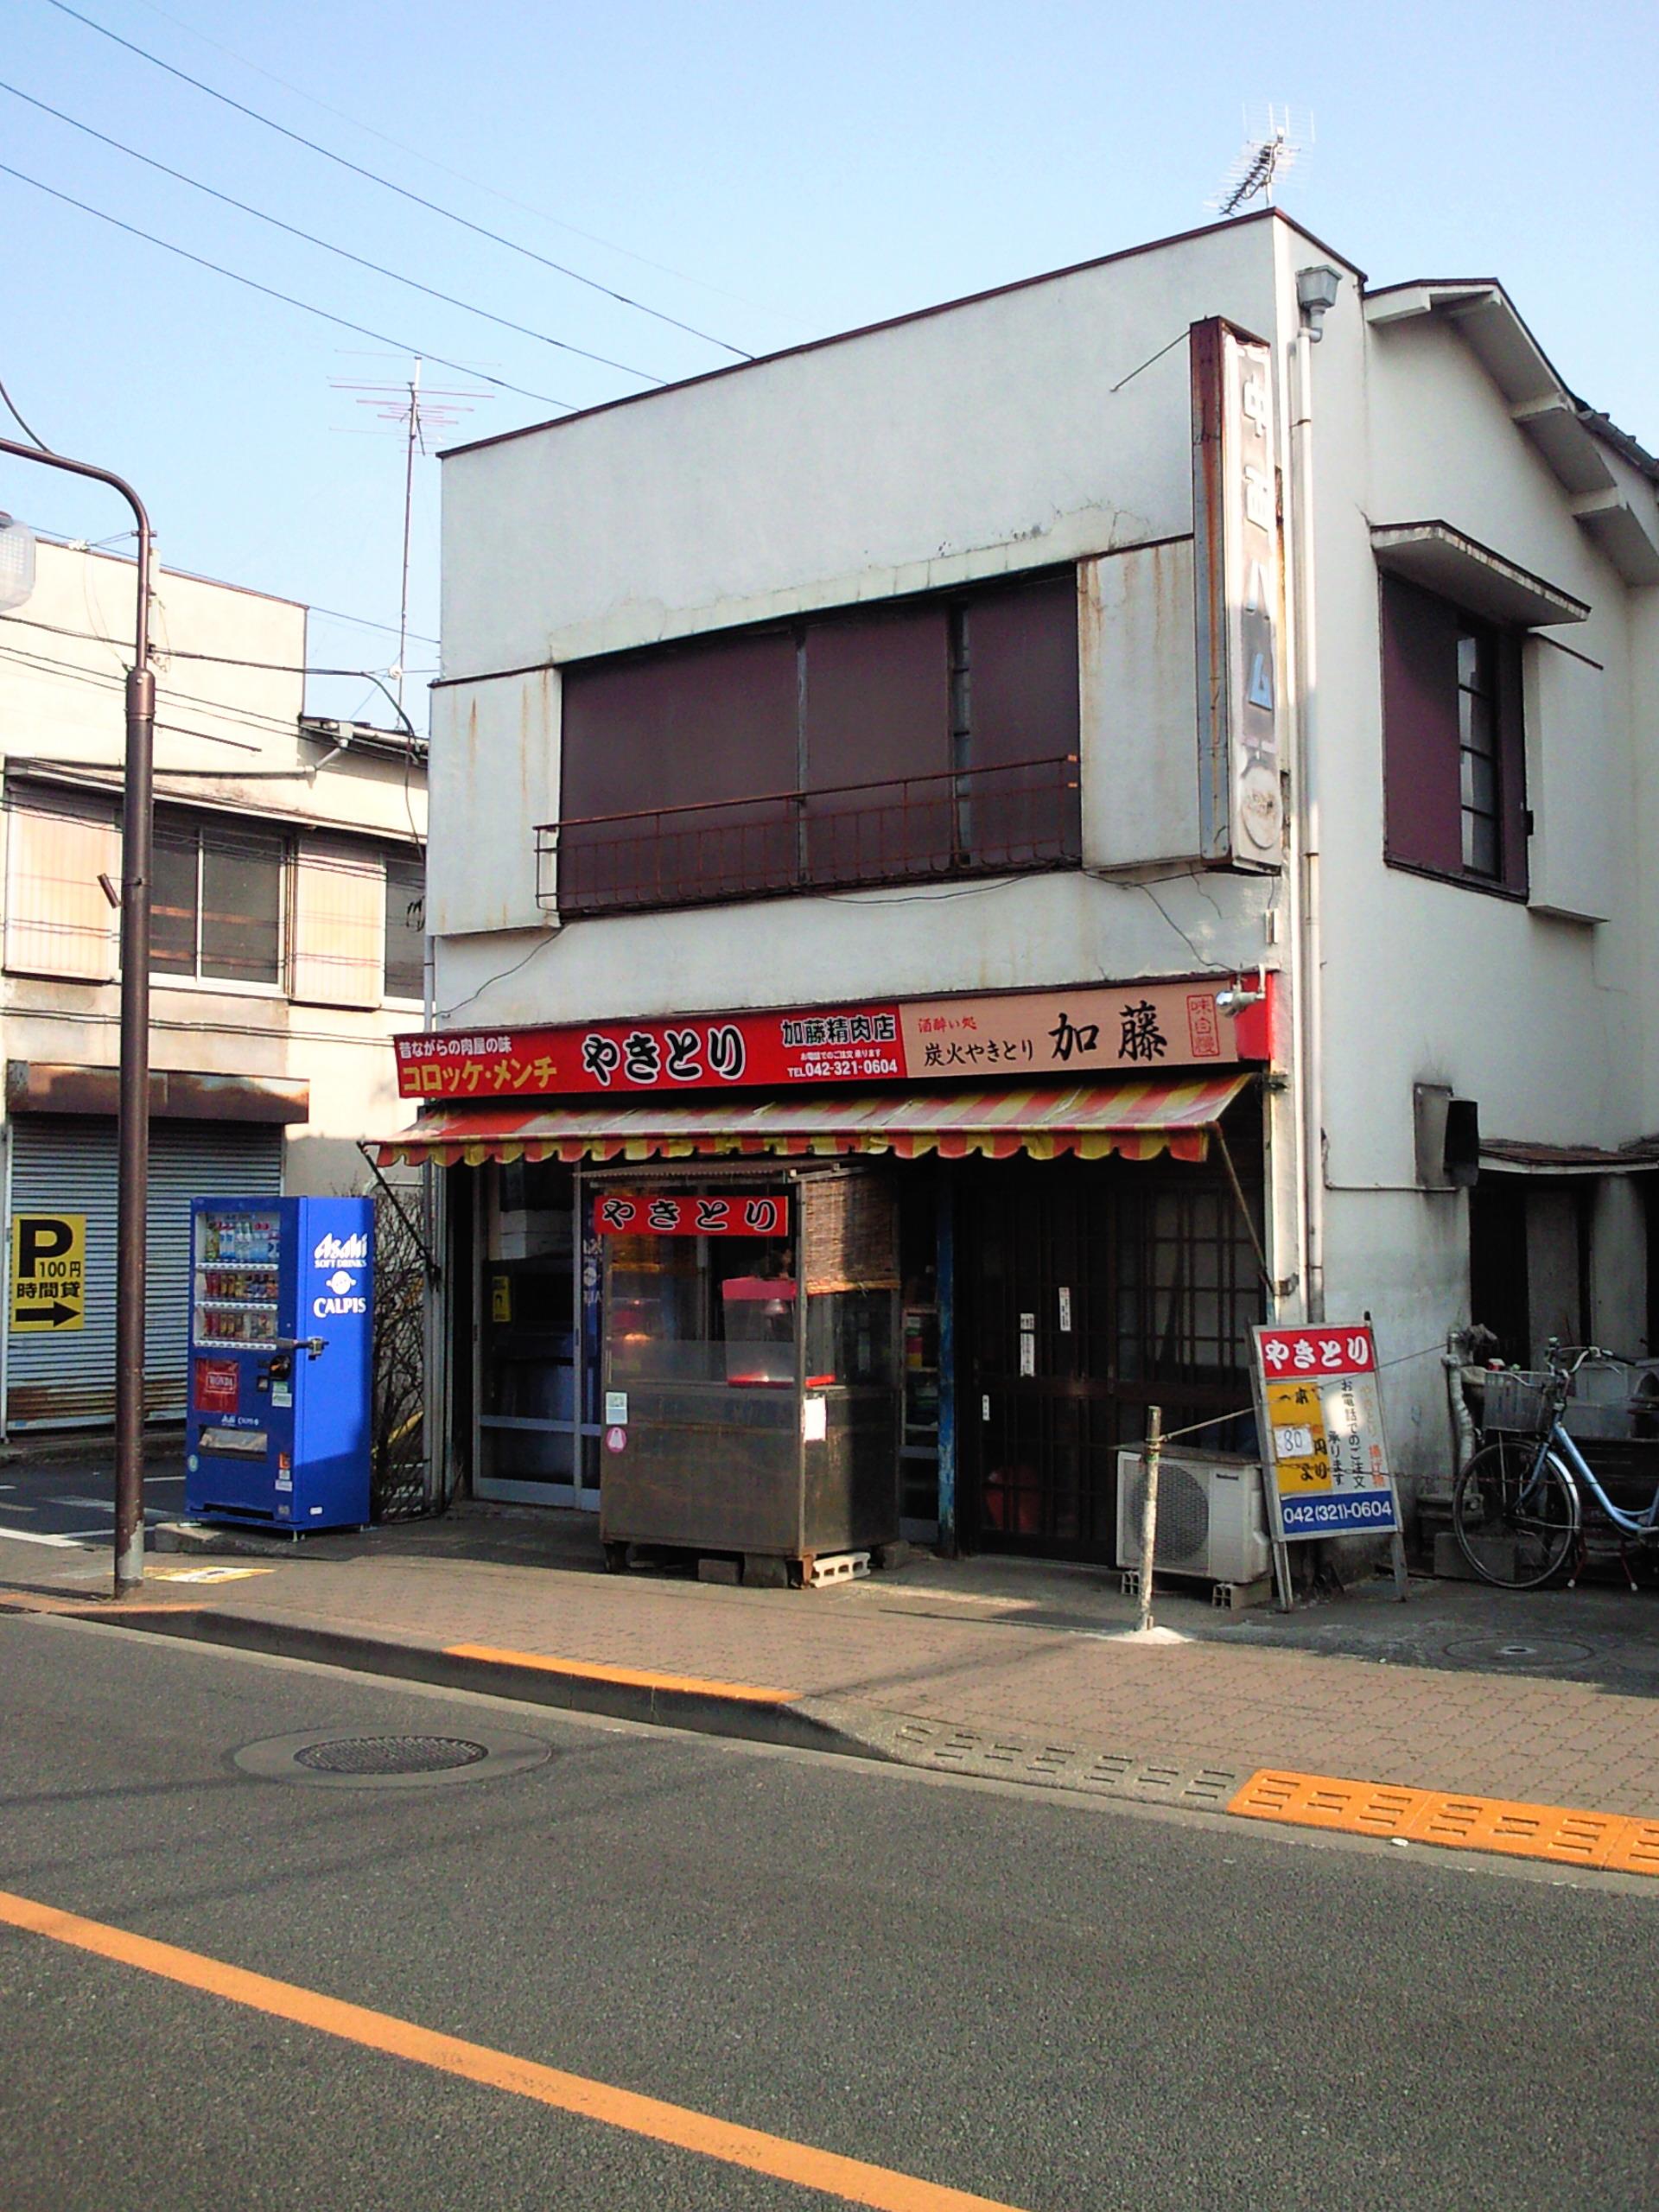 恋ヶ窪 加藤精肉店&炭火やきとり 加藤